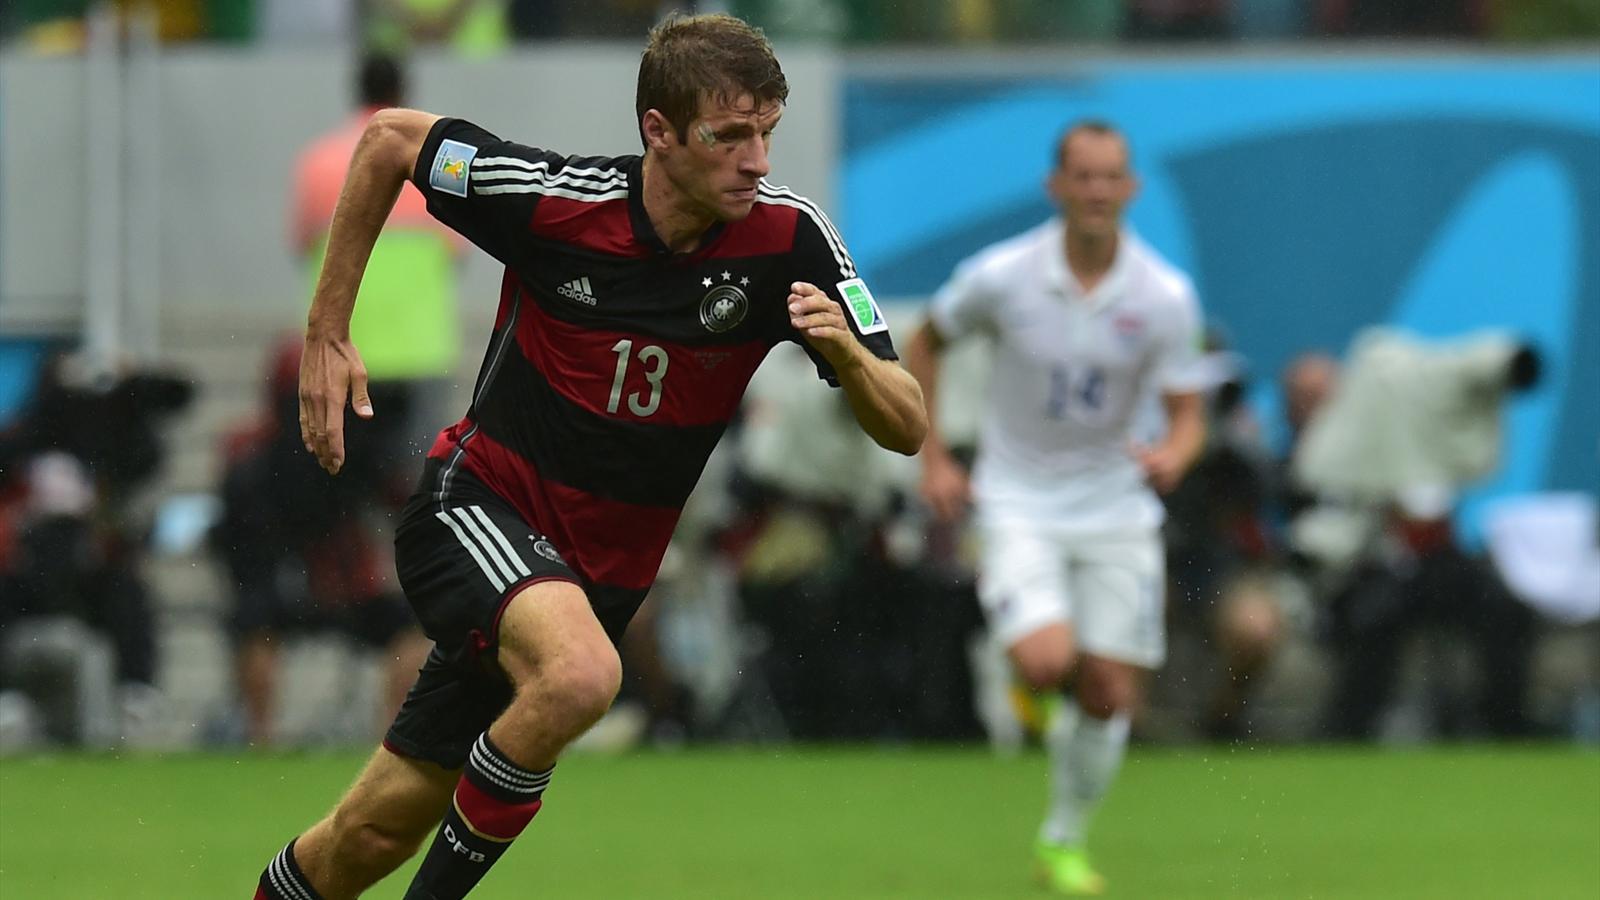 Thomas Müller en est à 4 buts au Mondial 2014, et 9 buts en Coupe du monde. A seulement 24 ans.